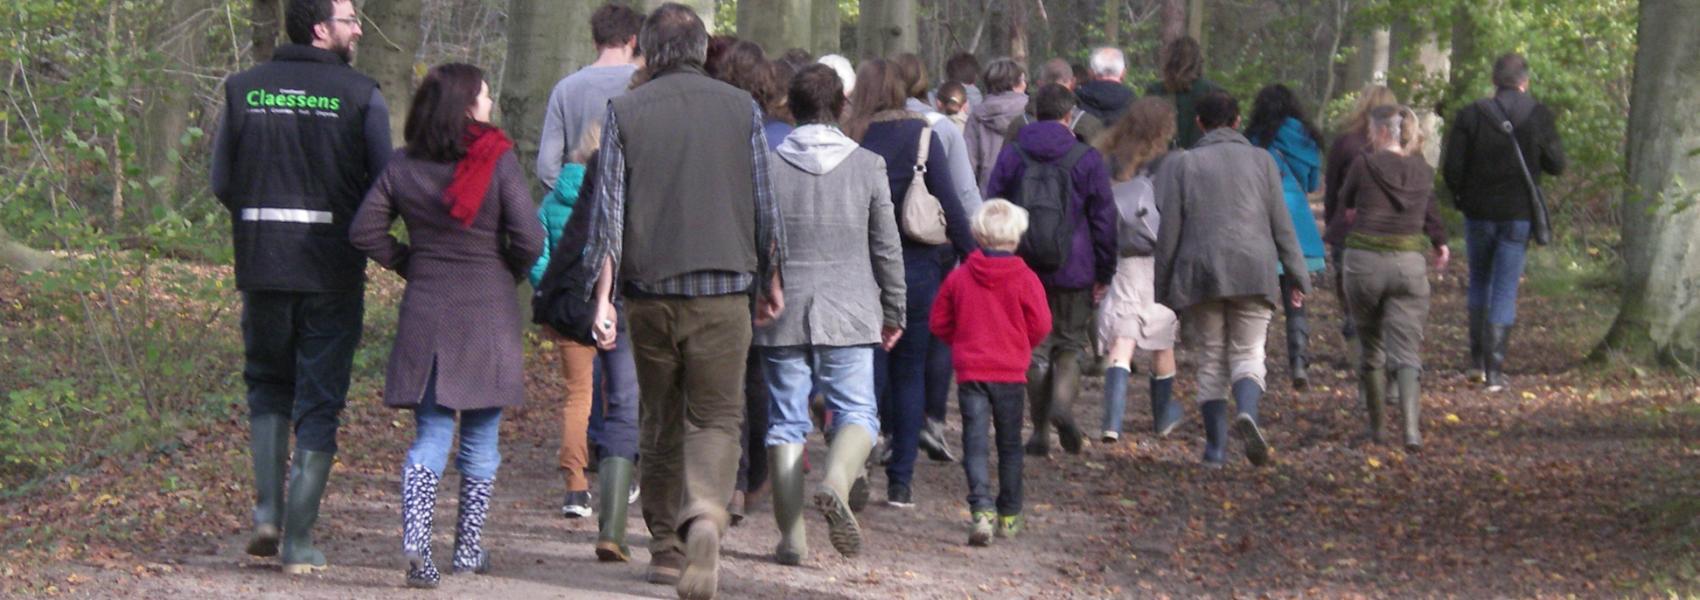 groep wandelaars in het bos